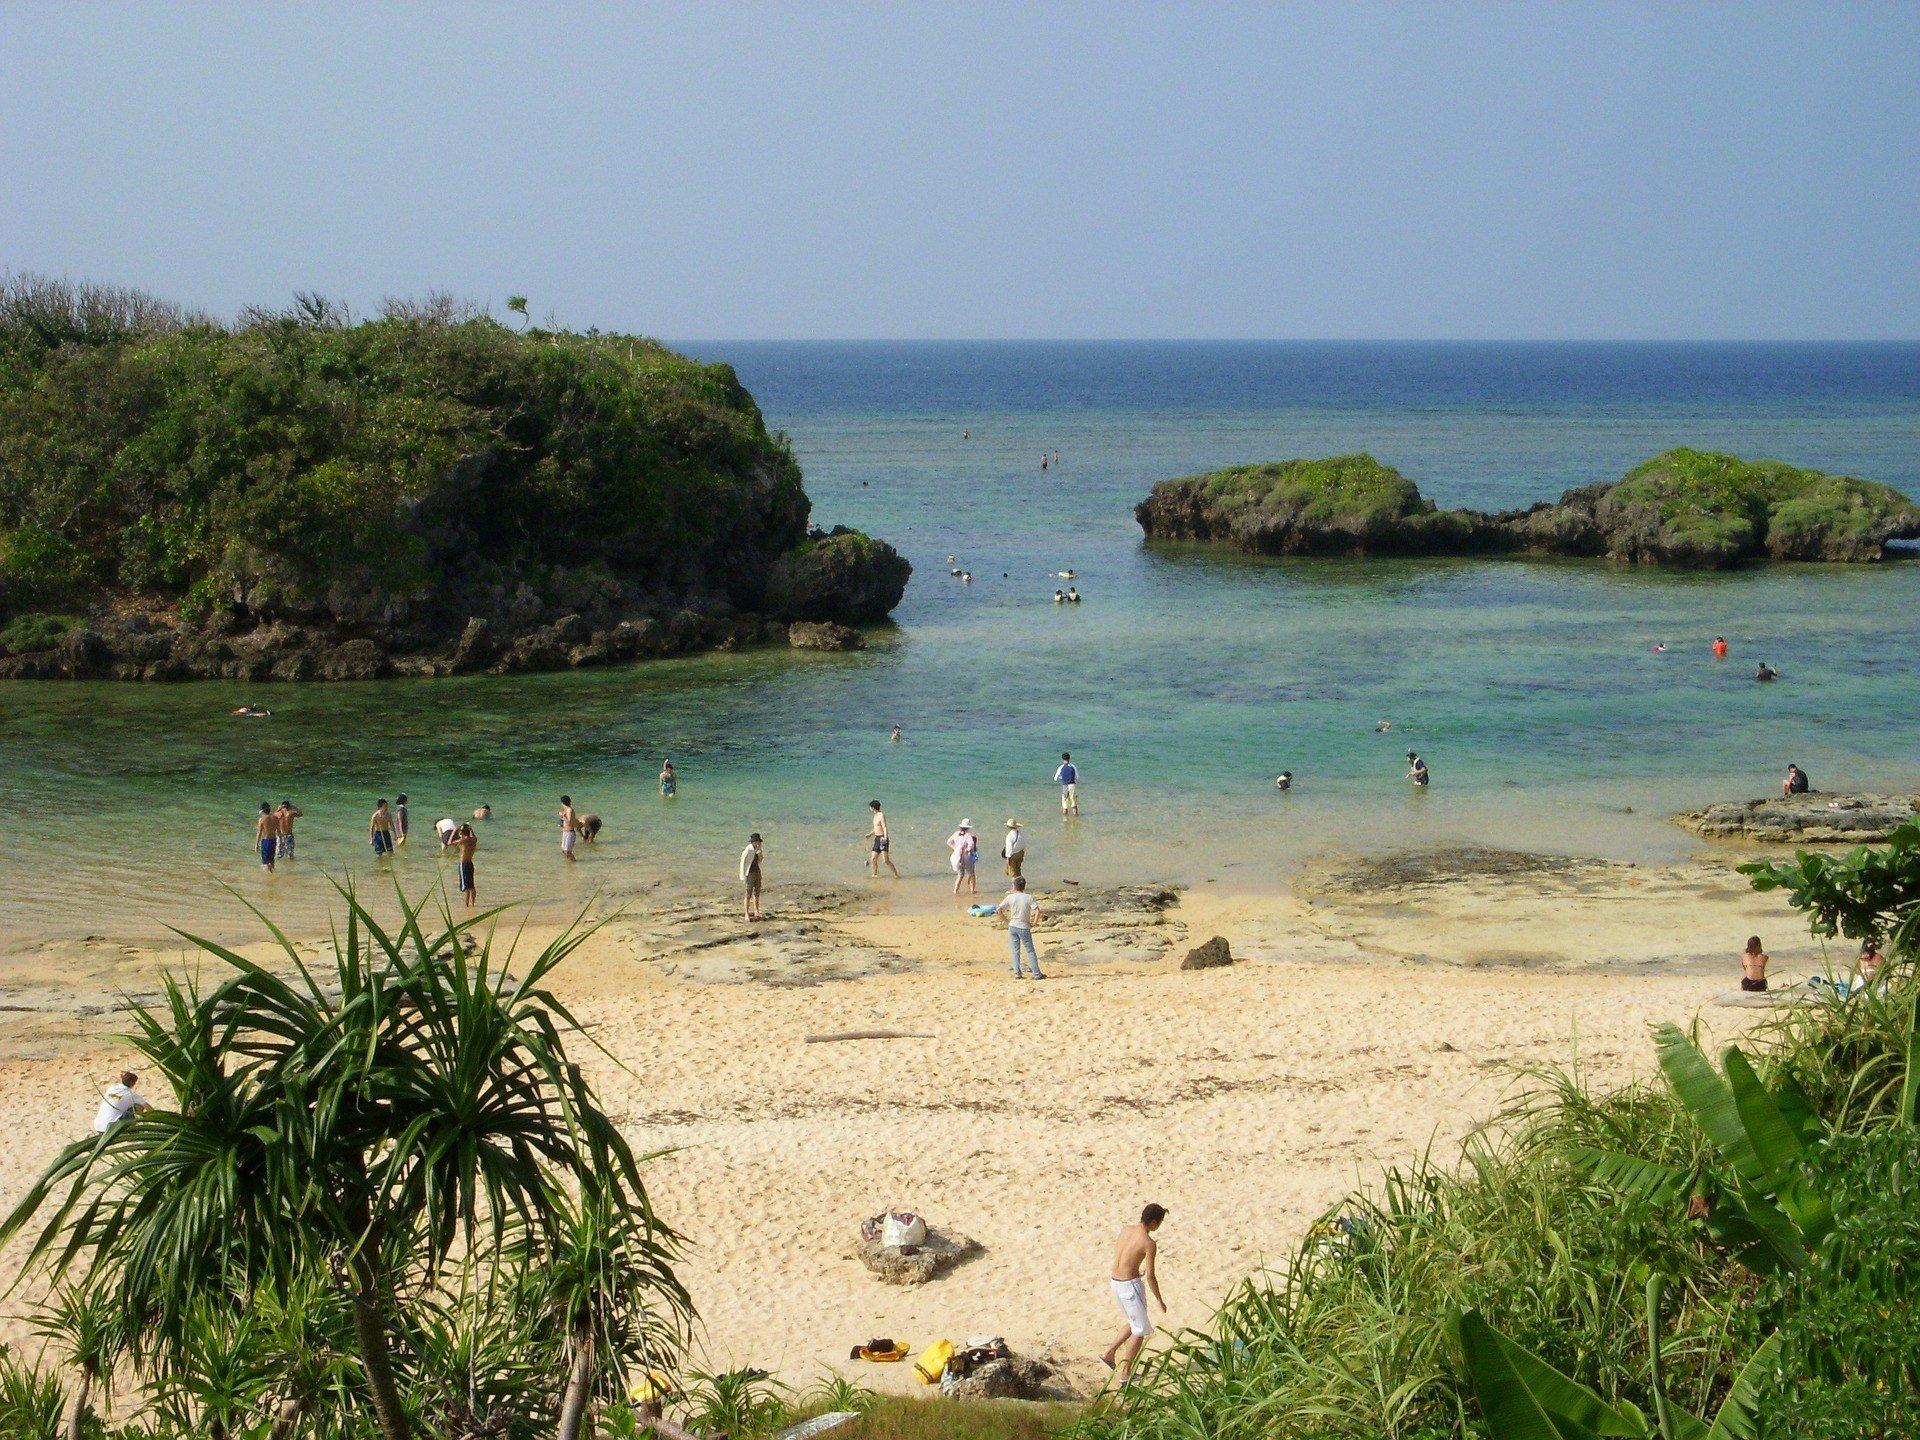 Iriomote, Okinawa